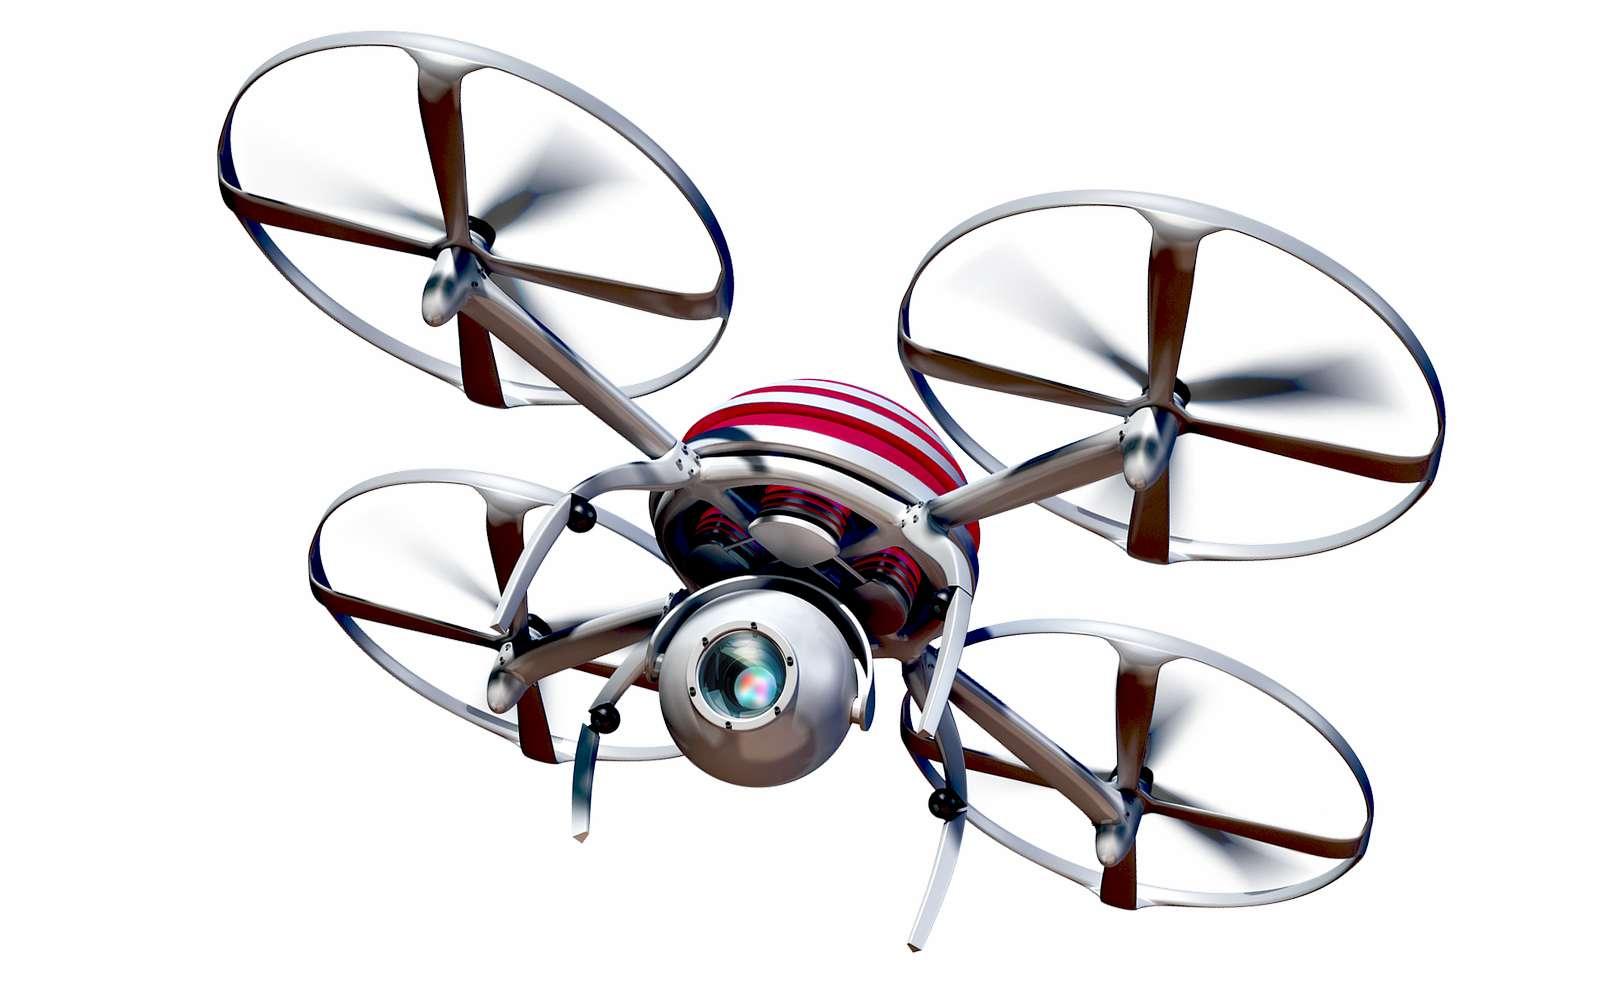 Après la surveillance des zones de confinement, les drones pourraient bientôt jouer les détecteurs de coronavirus parmi les foules. © Alexander Lesnitsky, Pixabay